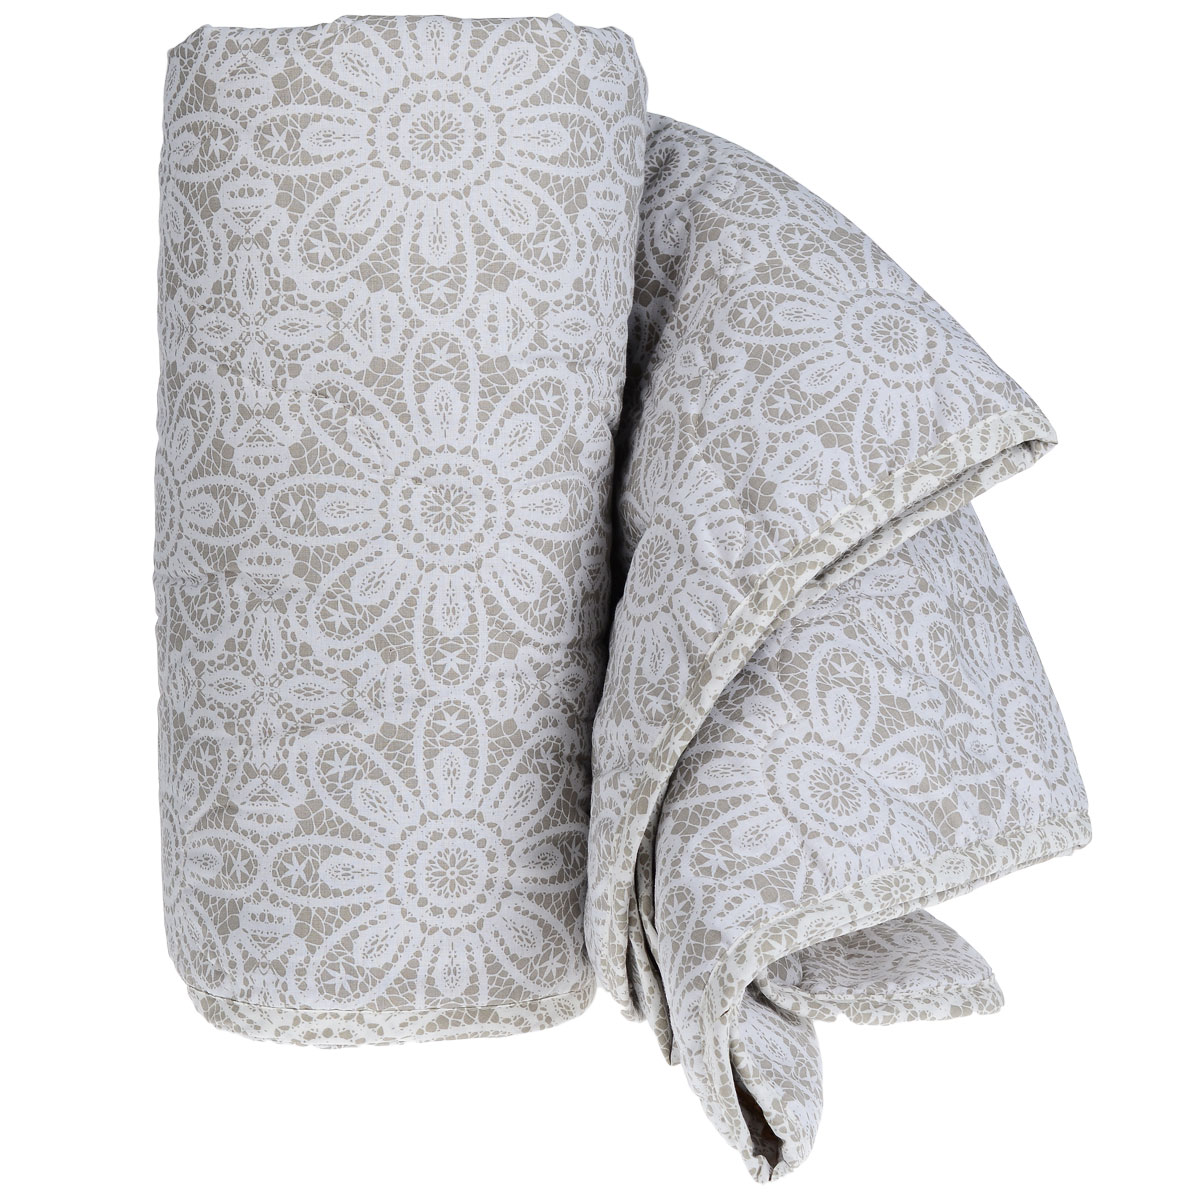 Одеяло летнее Green Line, наполнитель: льняное волокно, 172 х 205 см189235Летнее одеяло Green Line подарит незабываемое чувство комфорта и уюта во время сна. Верх выполнен из ранфорса (100% хлопок) с красивым рисунком, напоминающим кружево. Внутри - наполнитель из льняного волокна. Это экологически чистый натуральный материал, который позаботится о вашем здоровье и подарит комфортный сон. Лен обладает уникальными свойствами: он холодит в жару и согревает в холод, он полезен для здоровья, так как является природным антисептиком. Благодаря пористой структуре, ткань дышит и создается эффект активного дыхания. Стежка и кант по краю не позволяют наполнителю скатываться и равномерно удерживают его внутри. Одеяло легкое и тонкое - оно идеально подойдет для лета, под ним будет прохладно и комфортно спать в жару. Рекомендации по уходу: - запрещается стирка в стиральной машине и вручную, - не отбеливать, - нельзя отжимать и сушить в стиральной машине, - не гладить, - химчистка с мягкими растворителями, - сушить вертикально. Материал чехла: ранфорс (100% хлопок).Наполнитель: лен (натуральное волокно 90%, полиэстер 10%). Размер: 172 см х 205 см.Масса наполнителя: 150 г/м2.